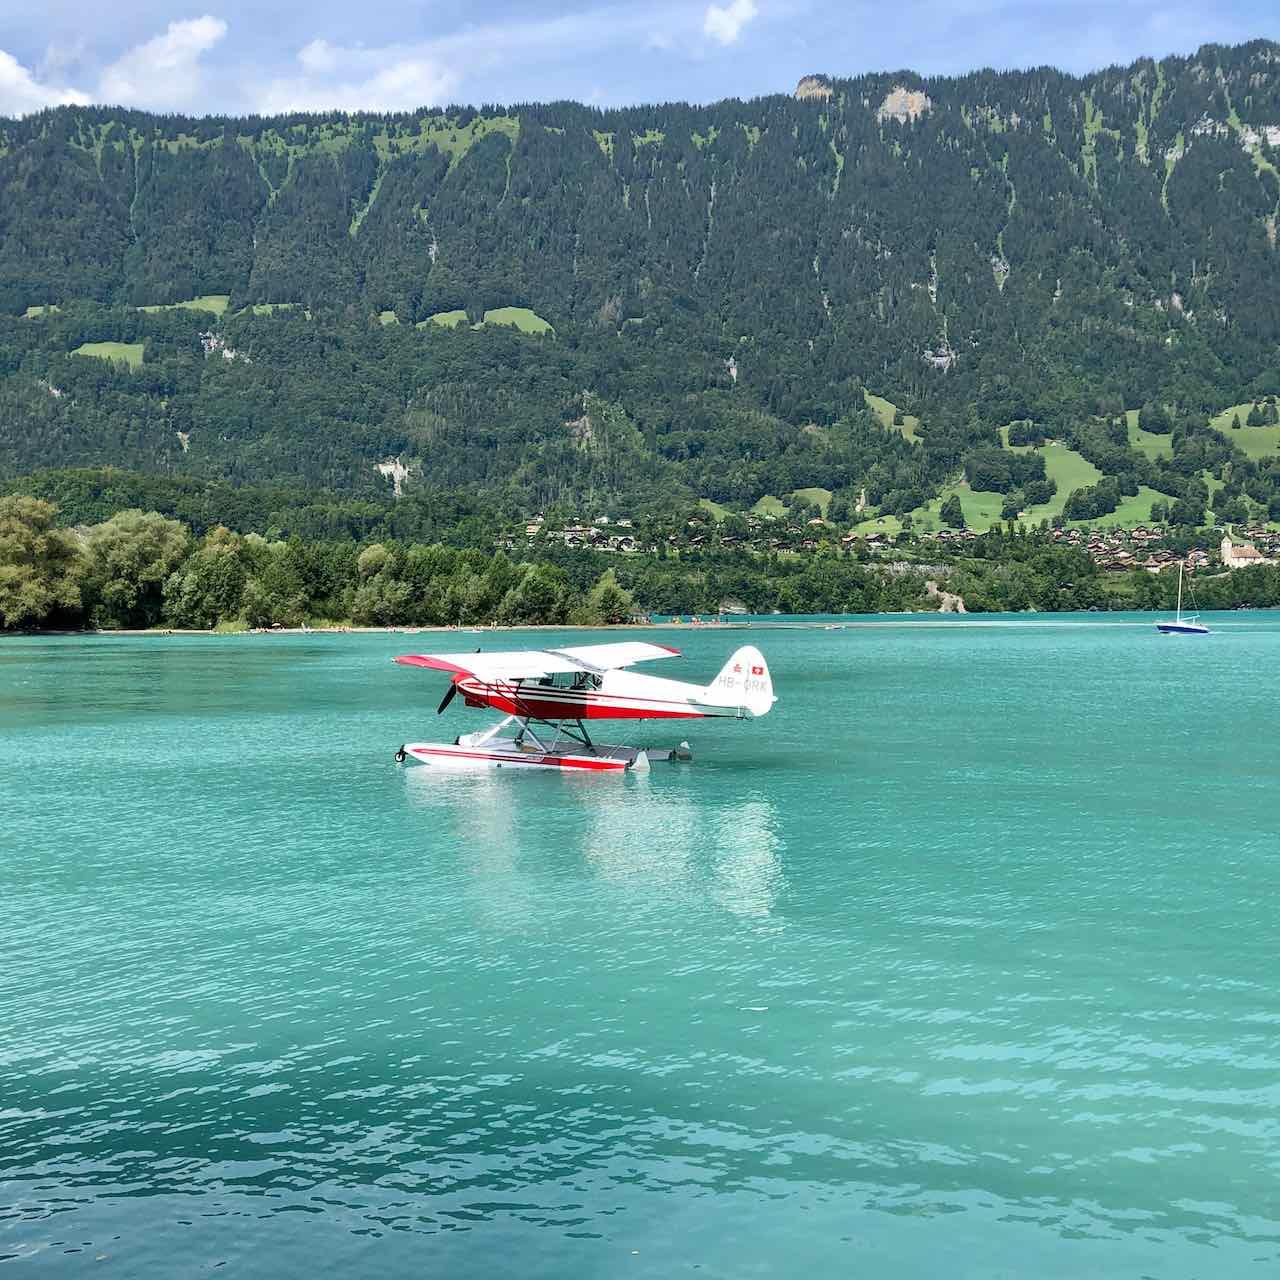 Wasserflugzeuge 2020 - 11 von 15.jpeg